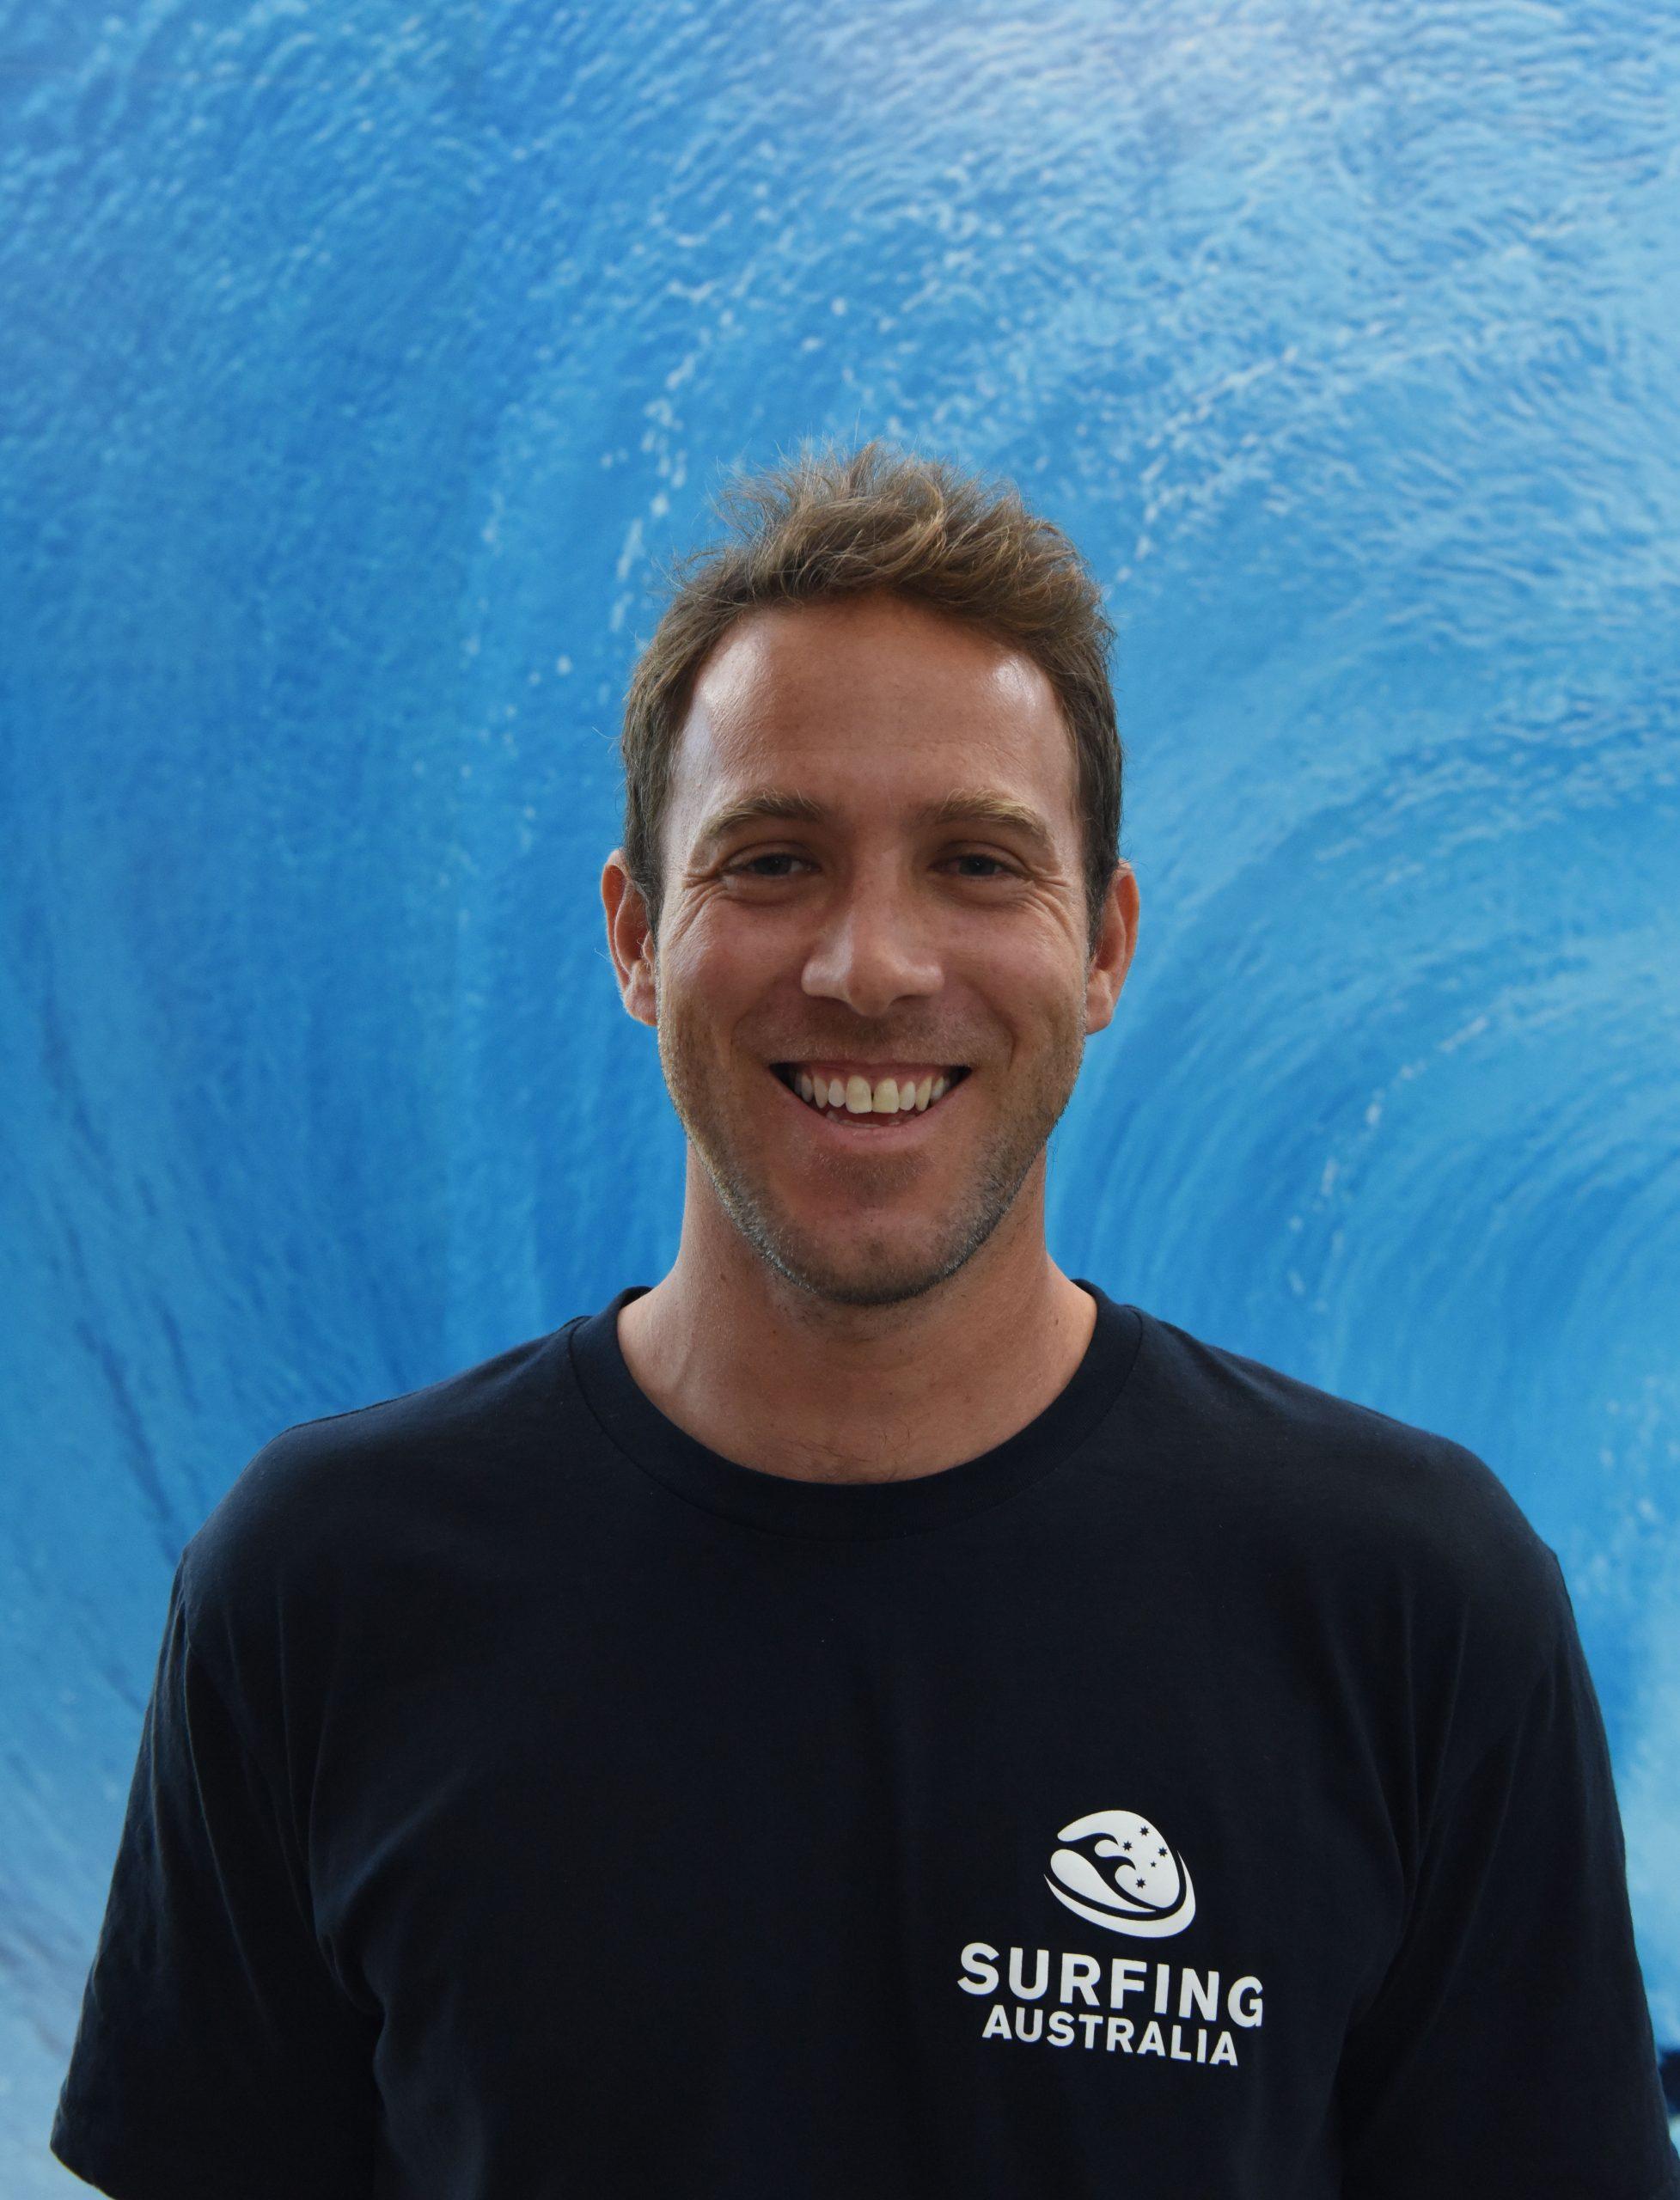 Paul Wiedersehn